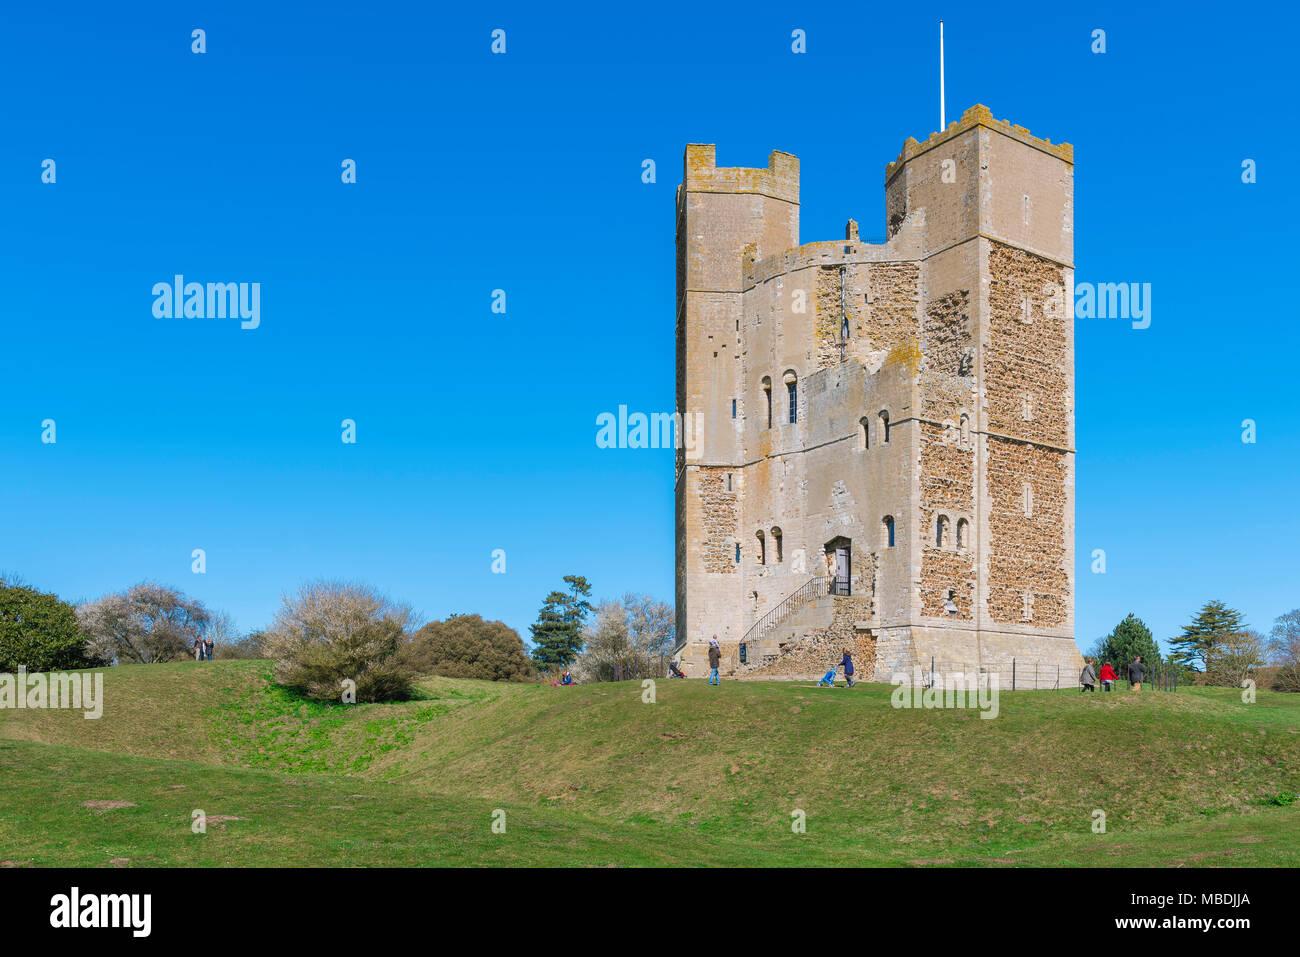 Château d'Orford Suffolk, le château du 12ème siècle bien conservé garder géré par le National Trust à Orford, Suffolk, Angleterre, RU Photo Stock